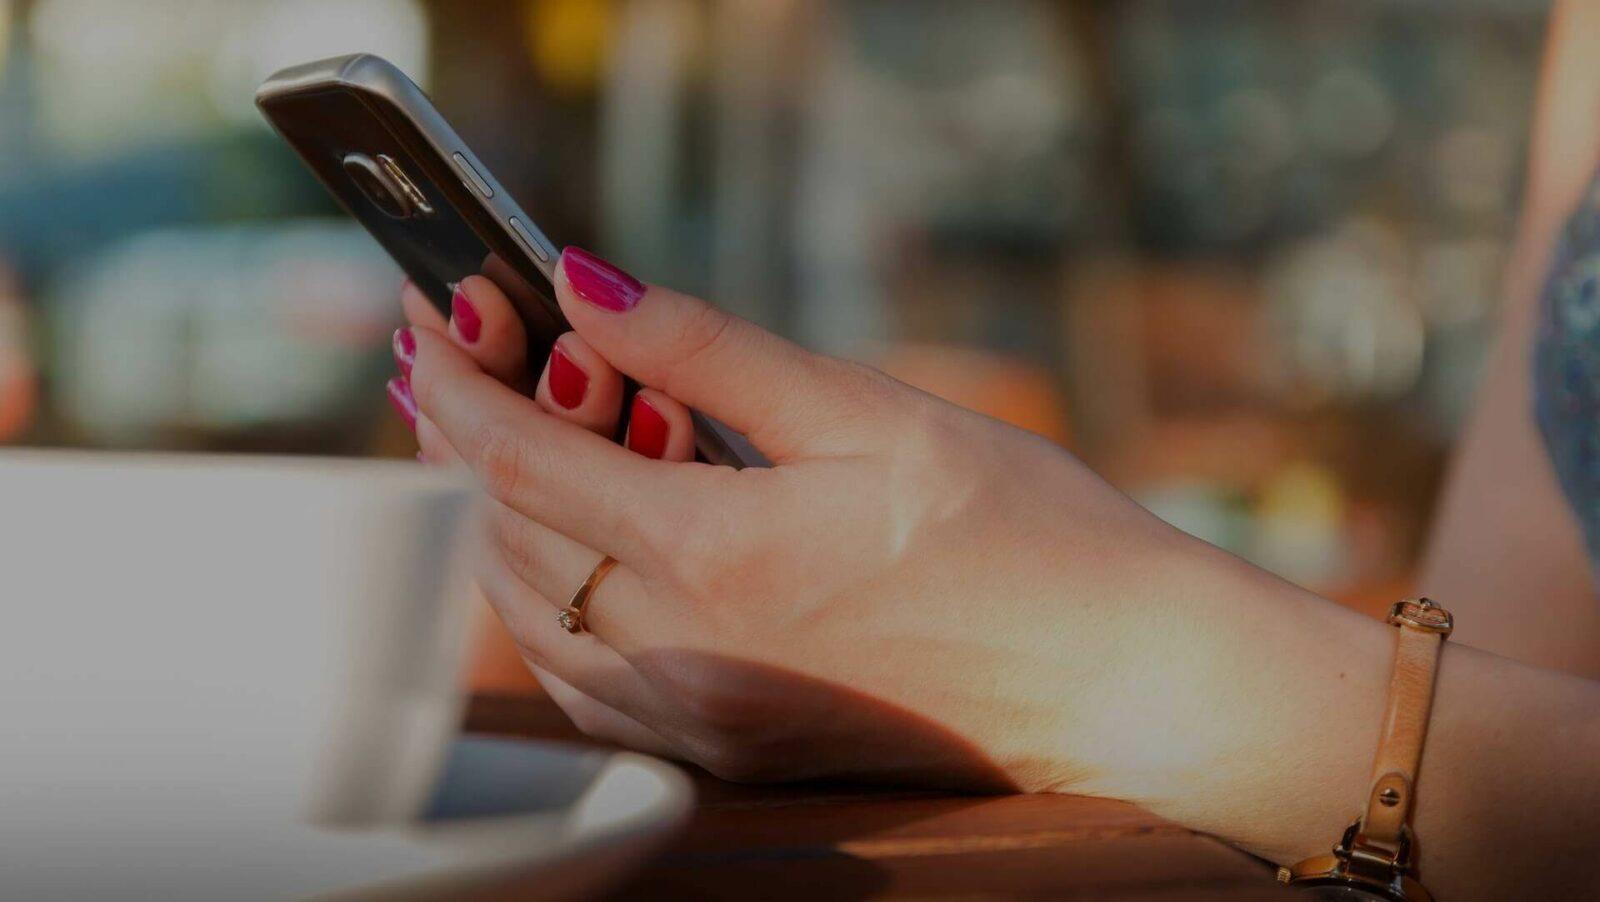 Бизнес-аккаунт или личный аккаунт в Инстаграм